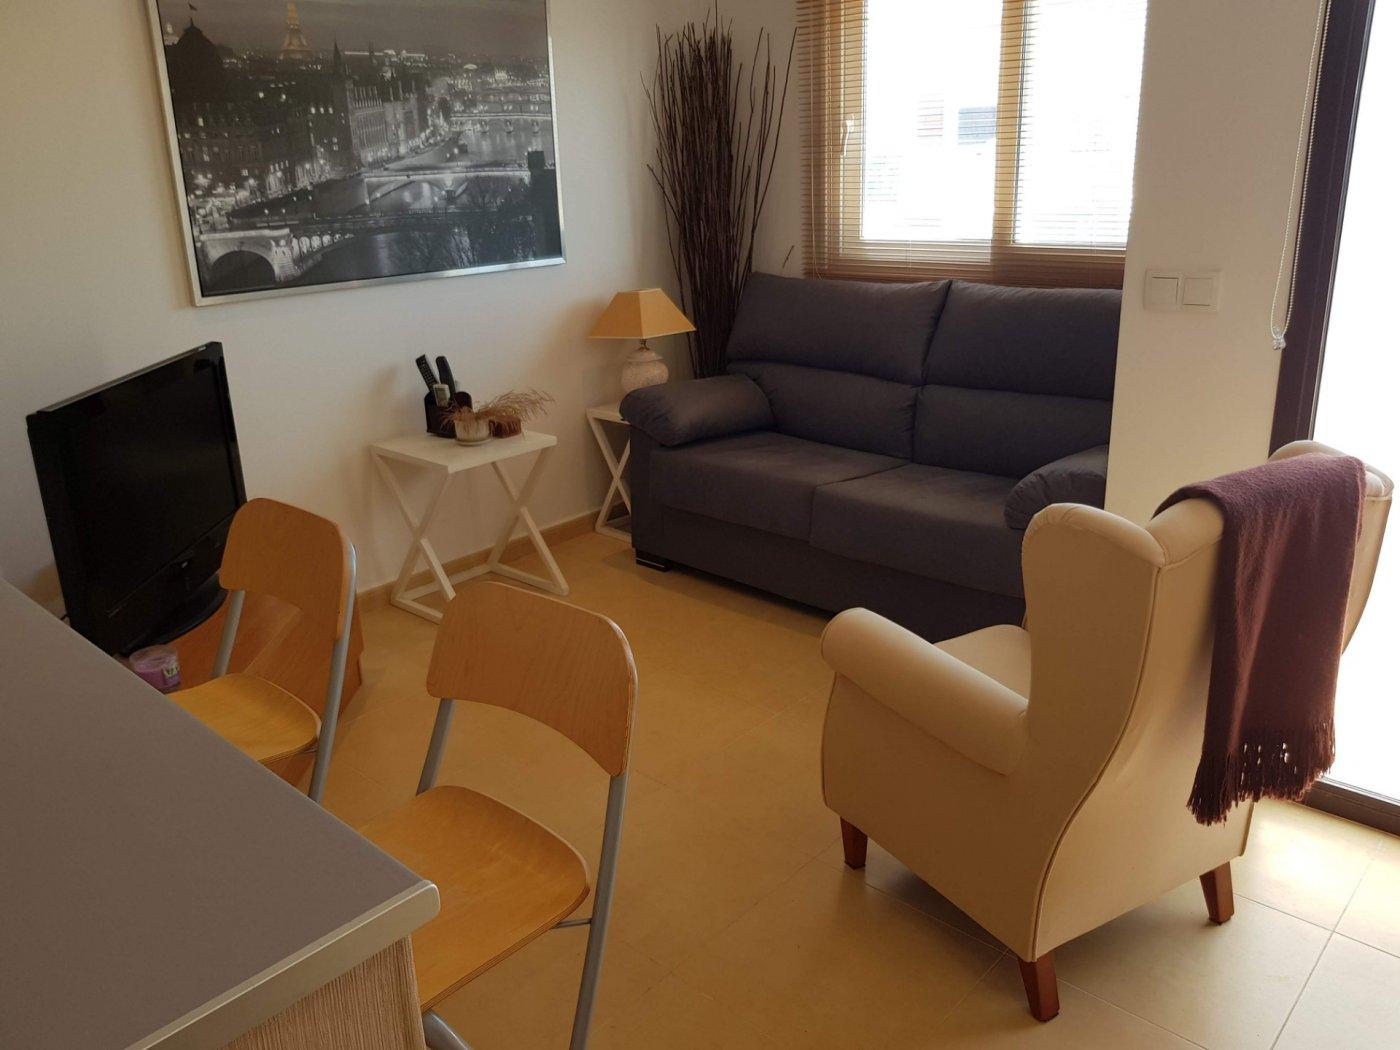 Apartment ref 3265-02656 for rent in Condado De Alhama Spain - Quality Homes Costa Cálida